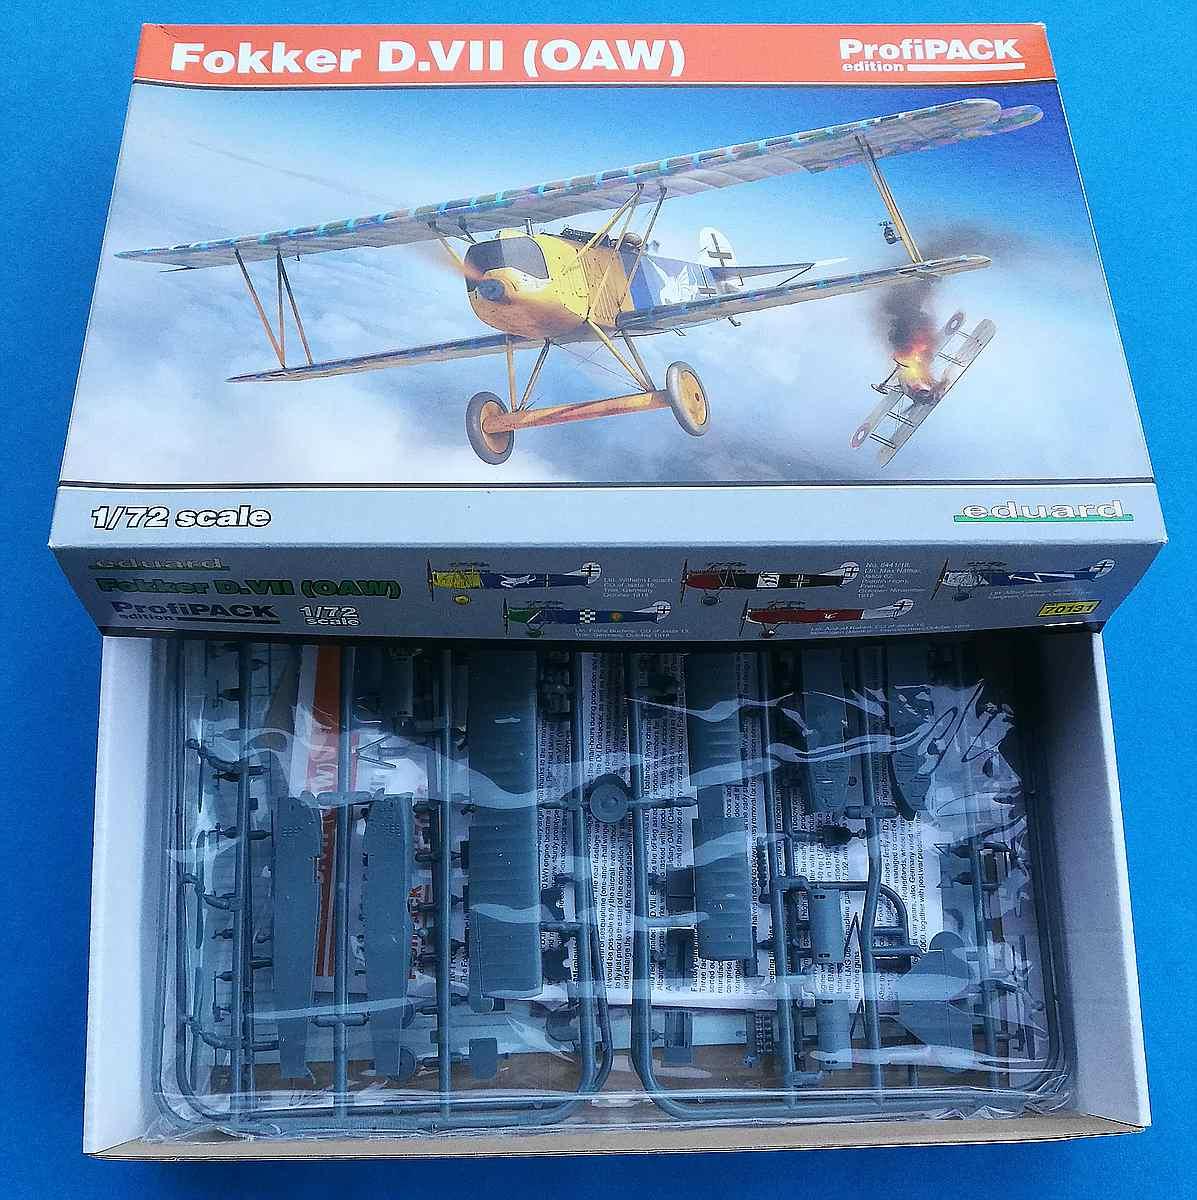 Eduard-70131-Fokker-D.VII-OAW-ProfiPack-Karton Fokker D. VII (OAW) in 1:72 von Eduard # 70131